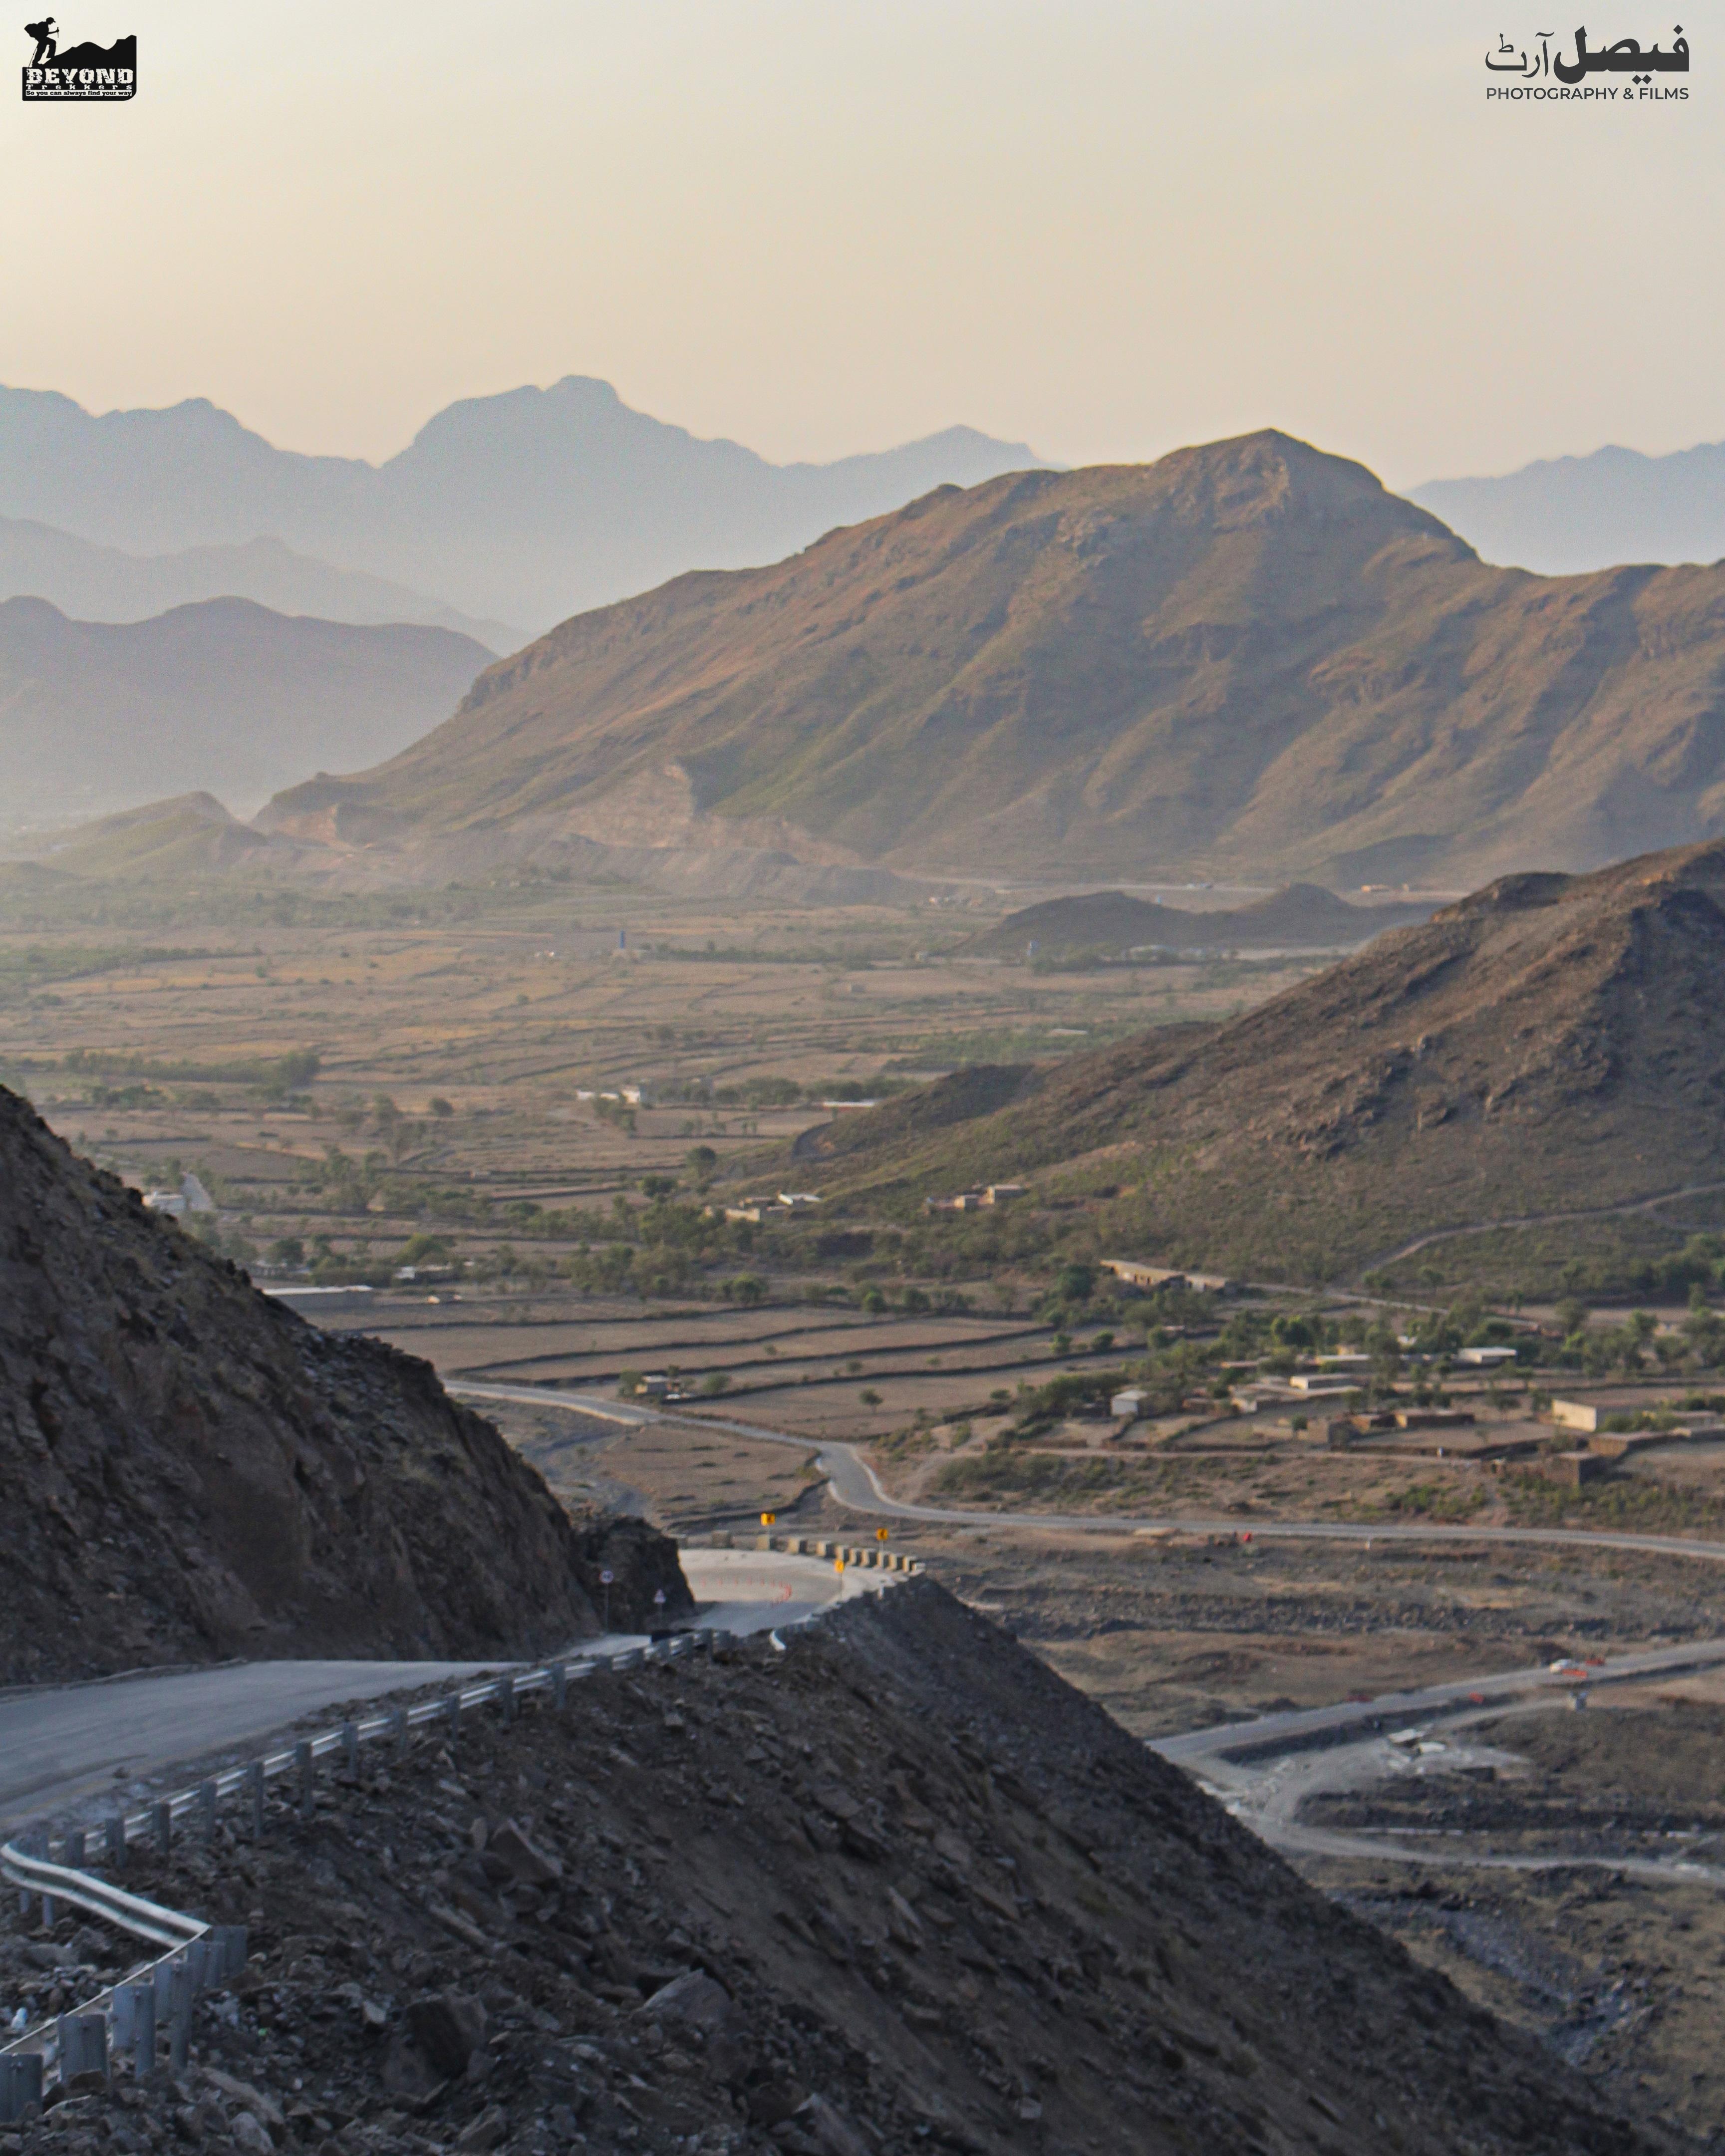 Swat Expressway - Wikipedia